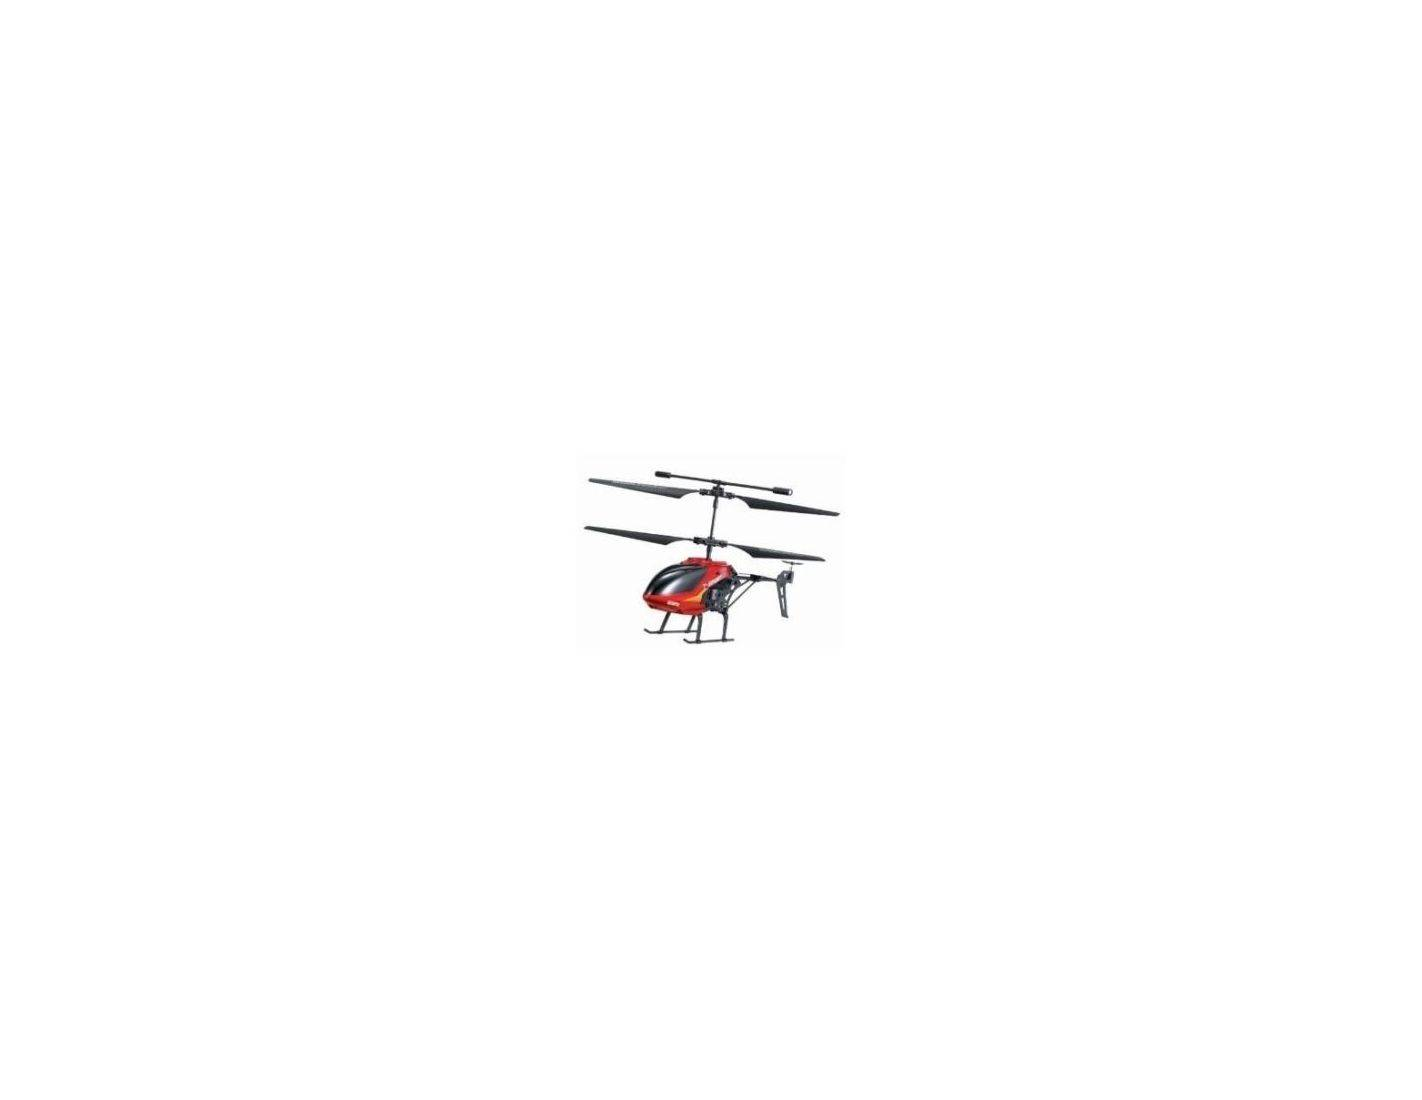 Elicottero Hot Wheels : Pz universale rc elicottero parte lama elica balancer per